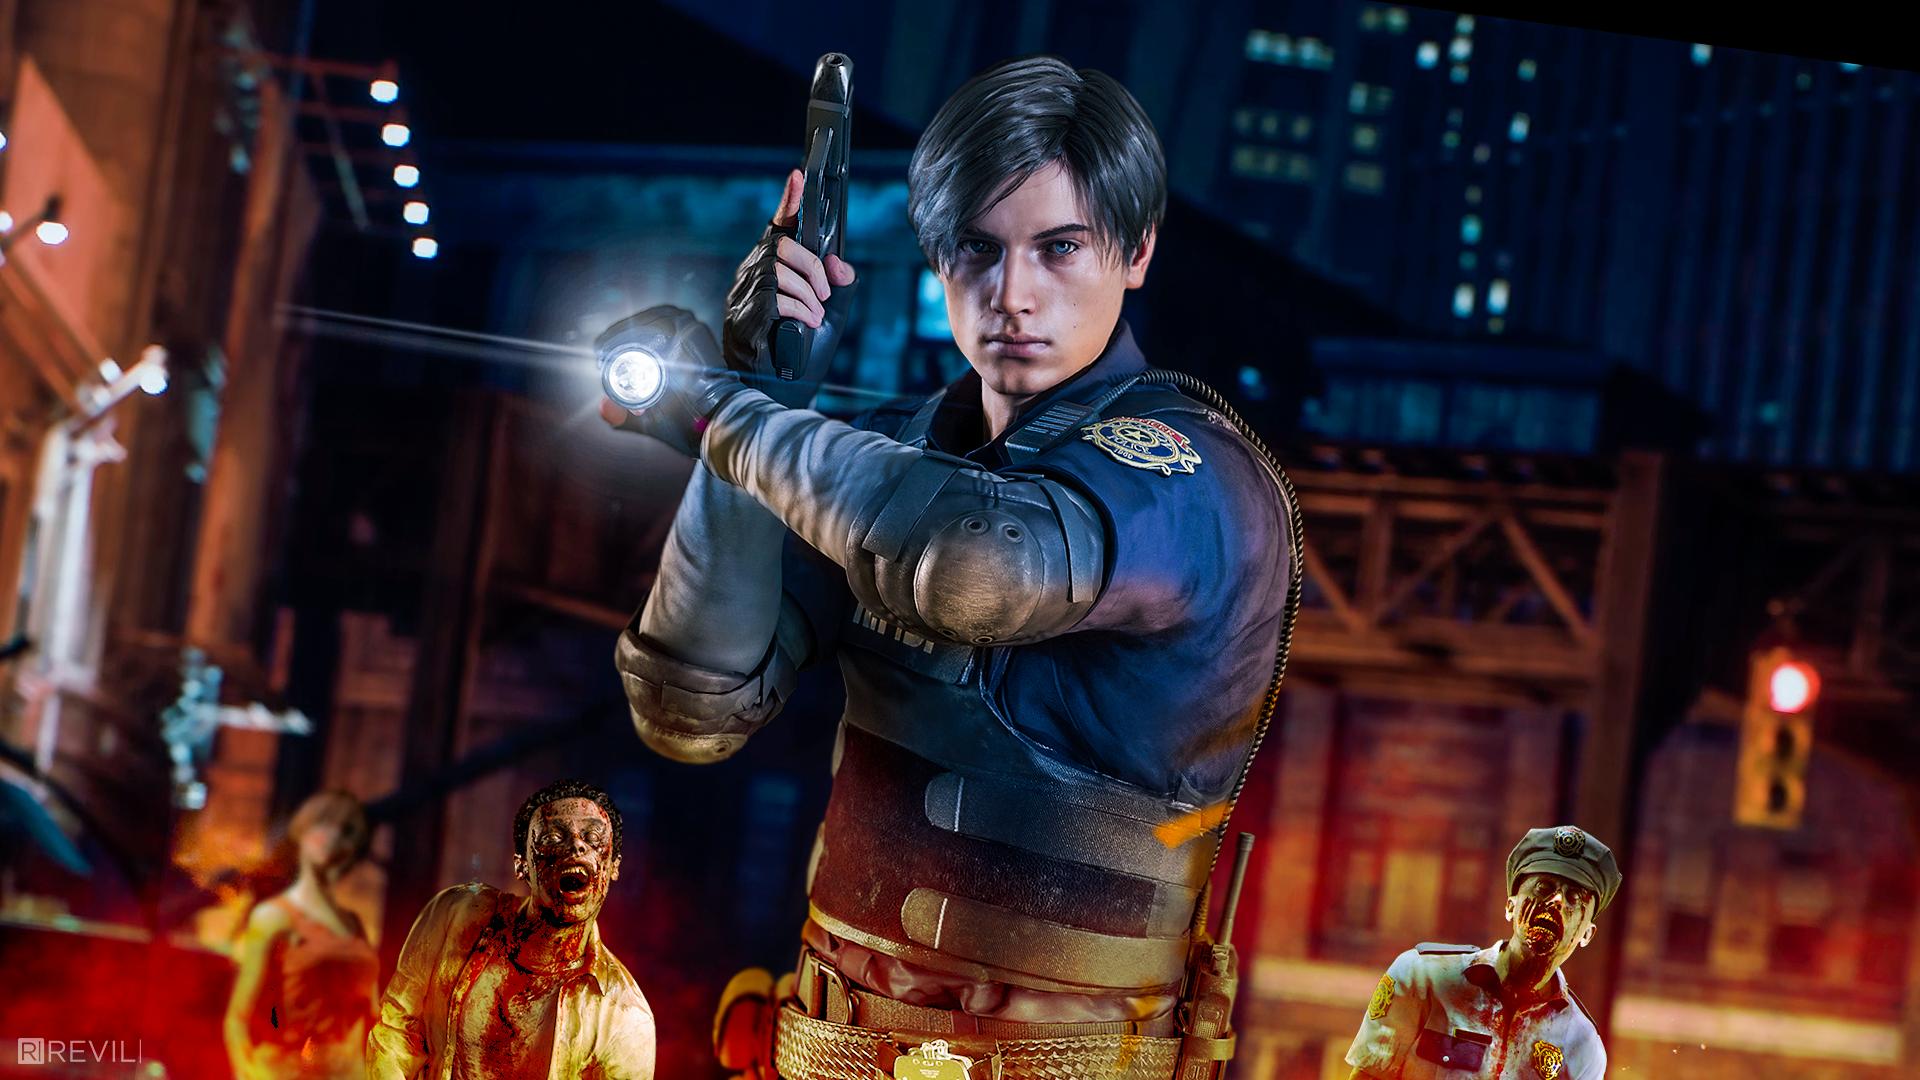 Resident Evil 2 Resident Evil Leon S Kennedy Leon Scott Kennedy